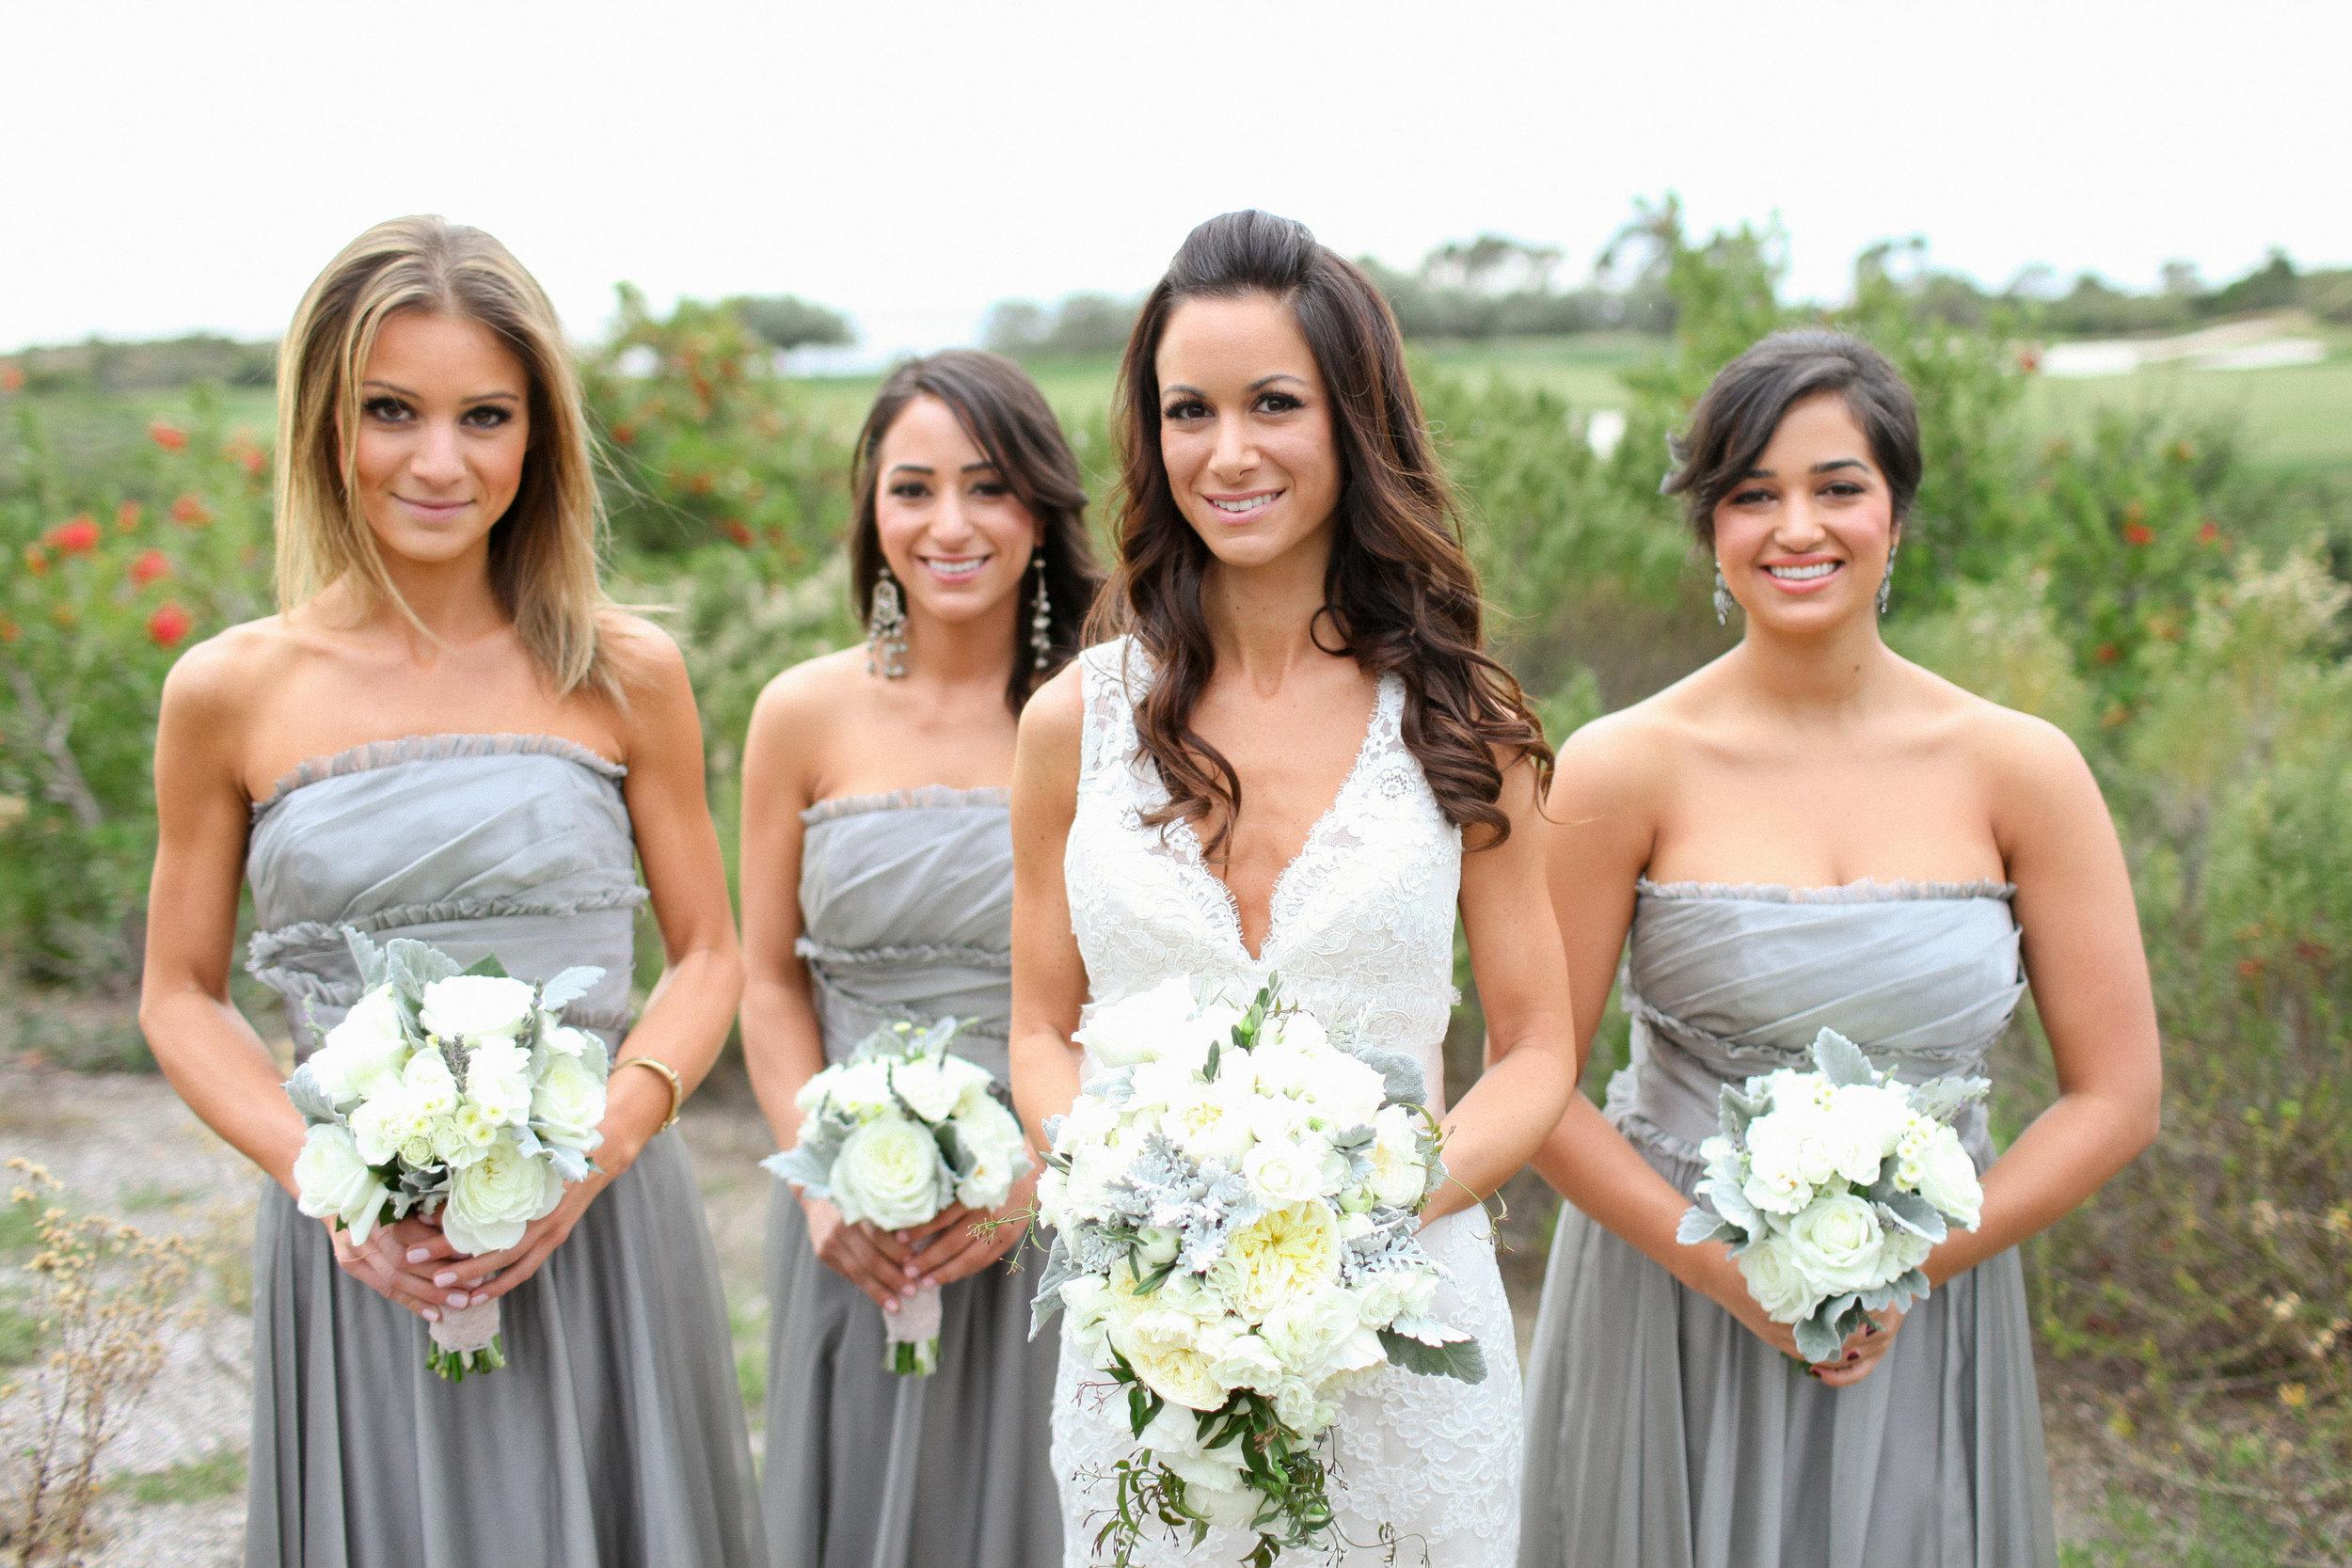 Carma's Wedding for Annette-0026.jpg